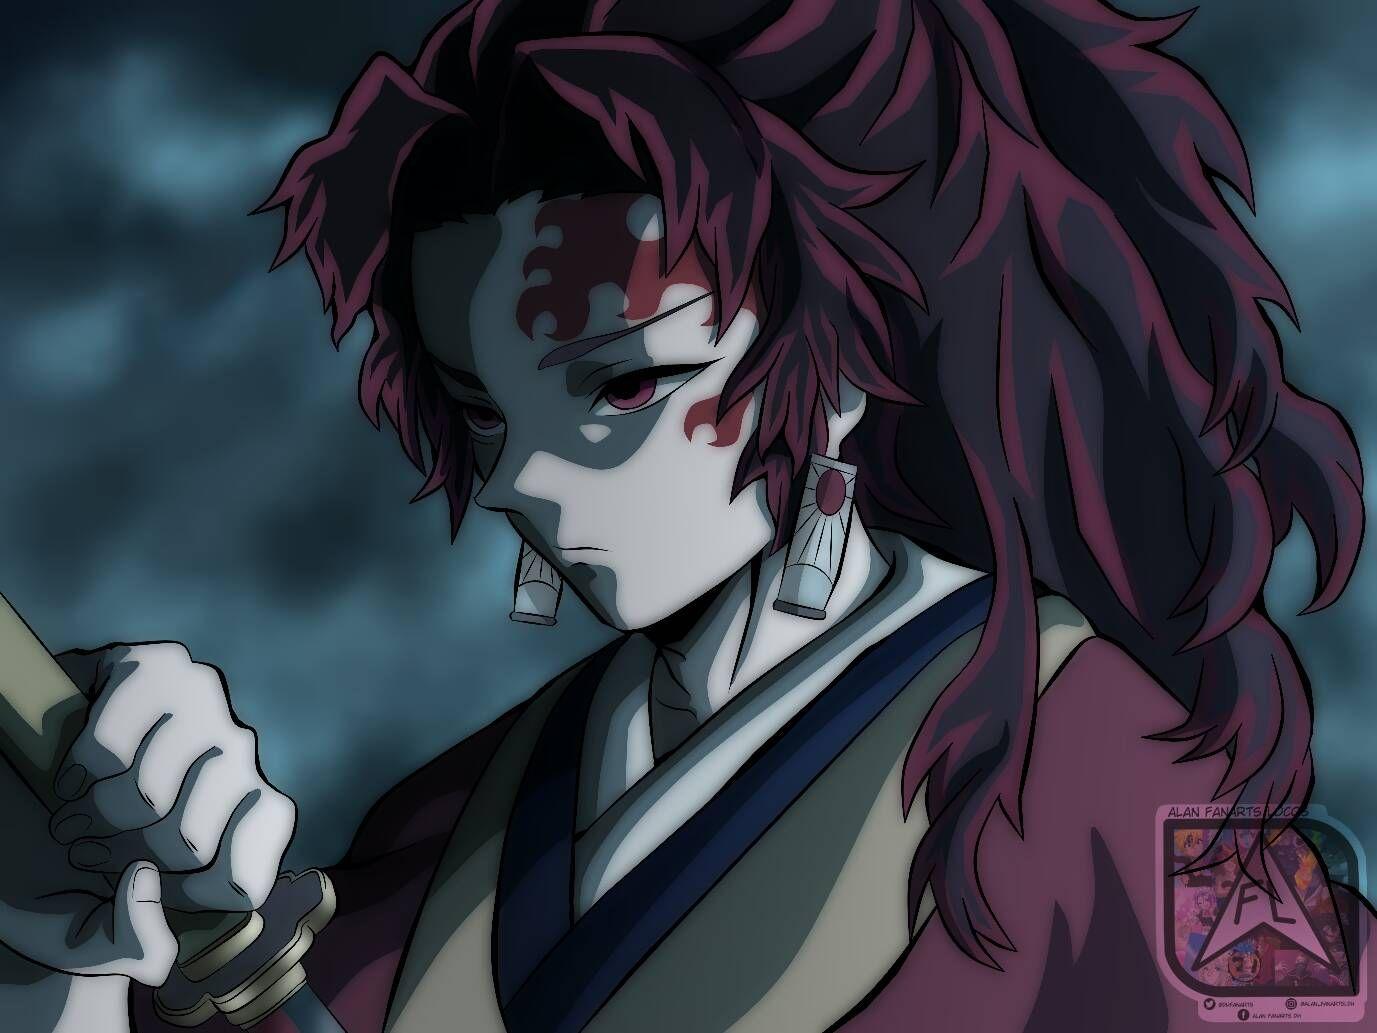 Yoriichi - kimetsu no yaiba by AlanFanartsDH on DeviantArt